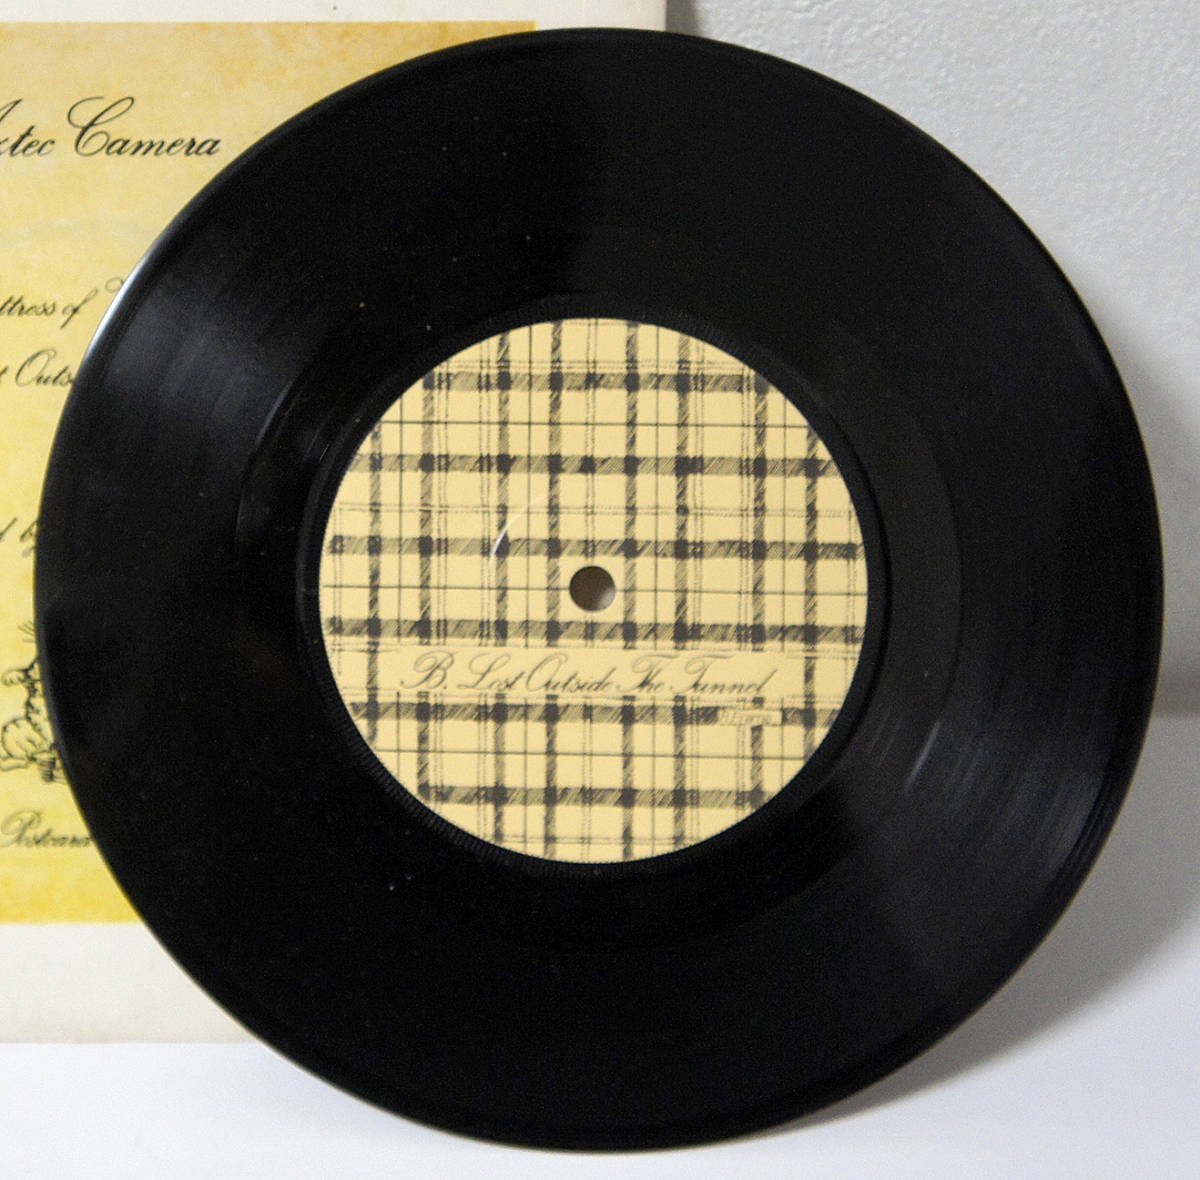 【送料無料】超レア★日本未発売★廃盤★81年 UK Postcard オリジナル 7'' AZTEC CAMERA Mattress Of Wire_画像4